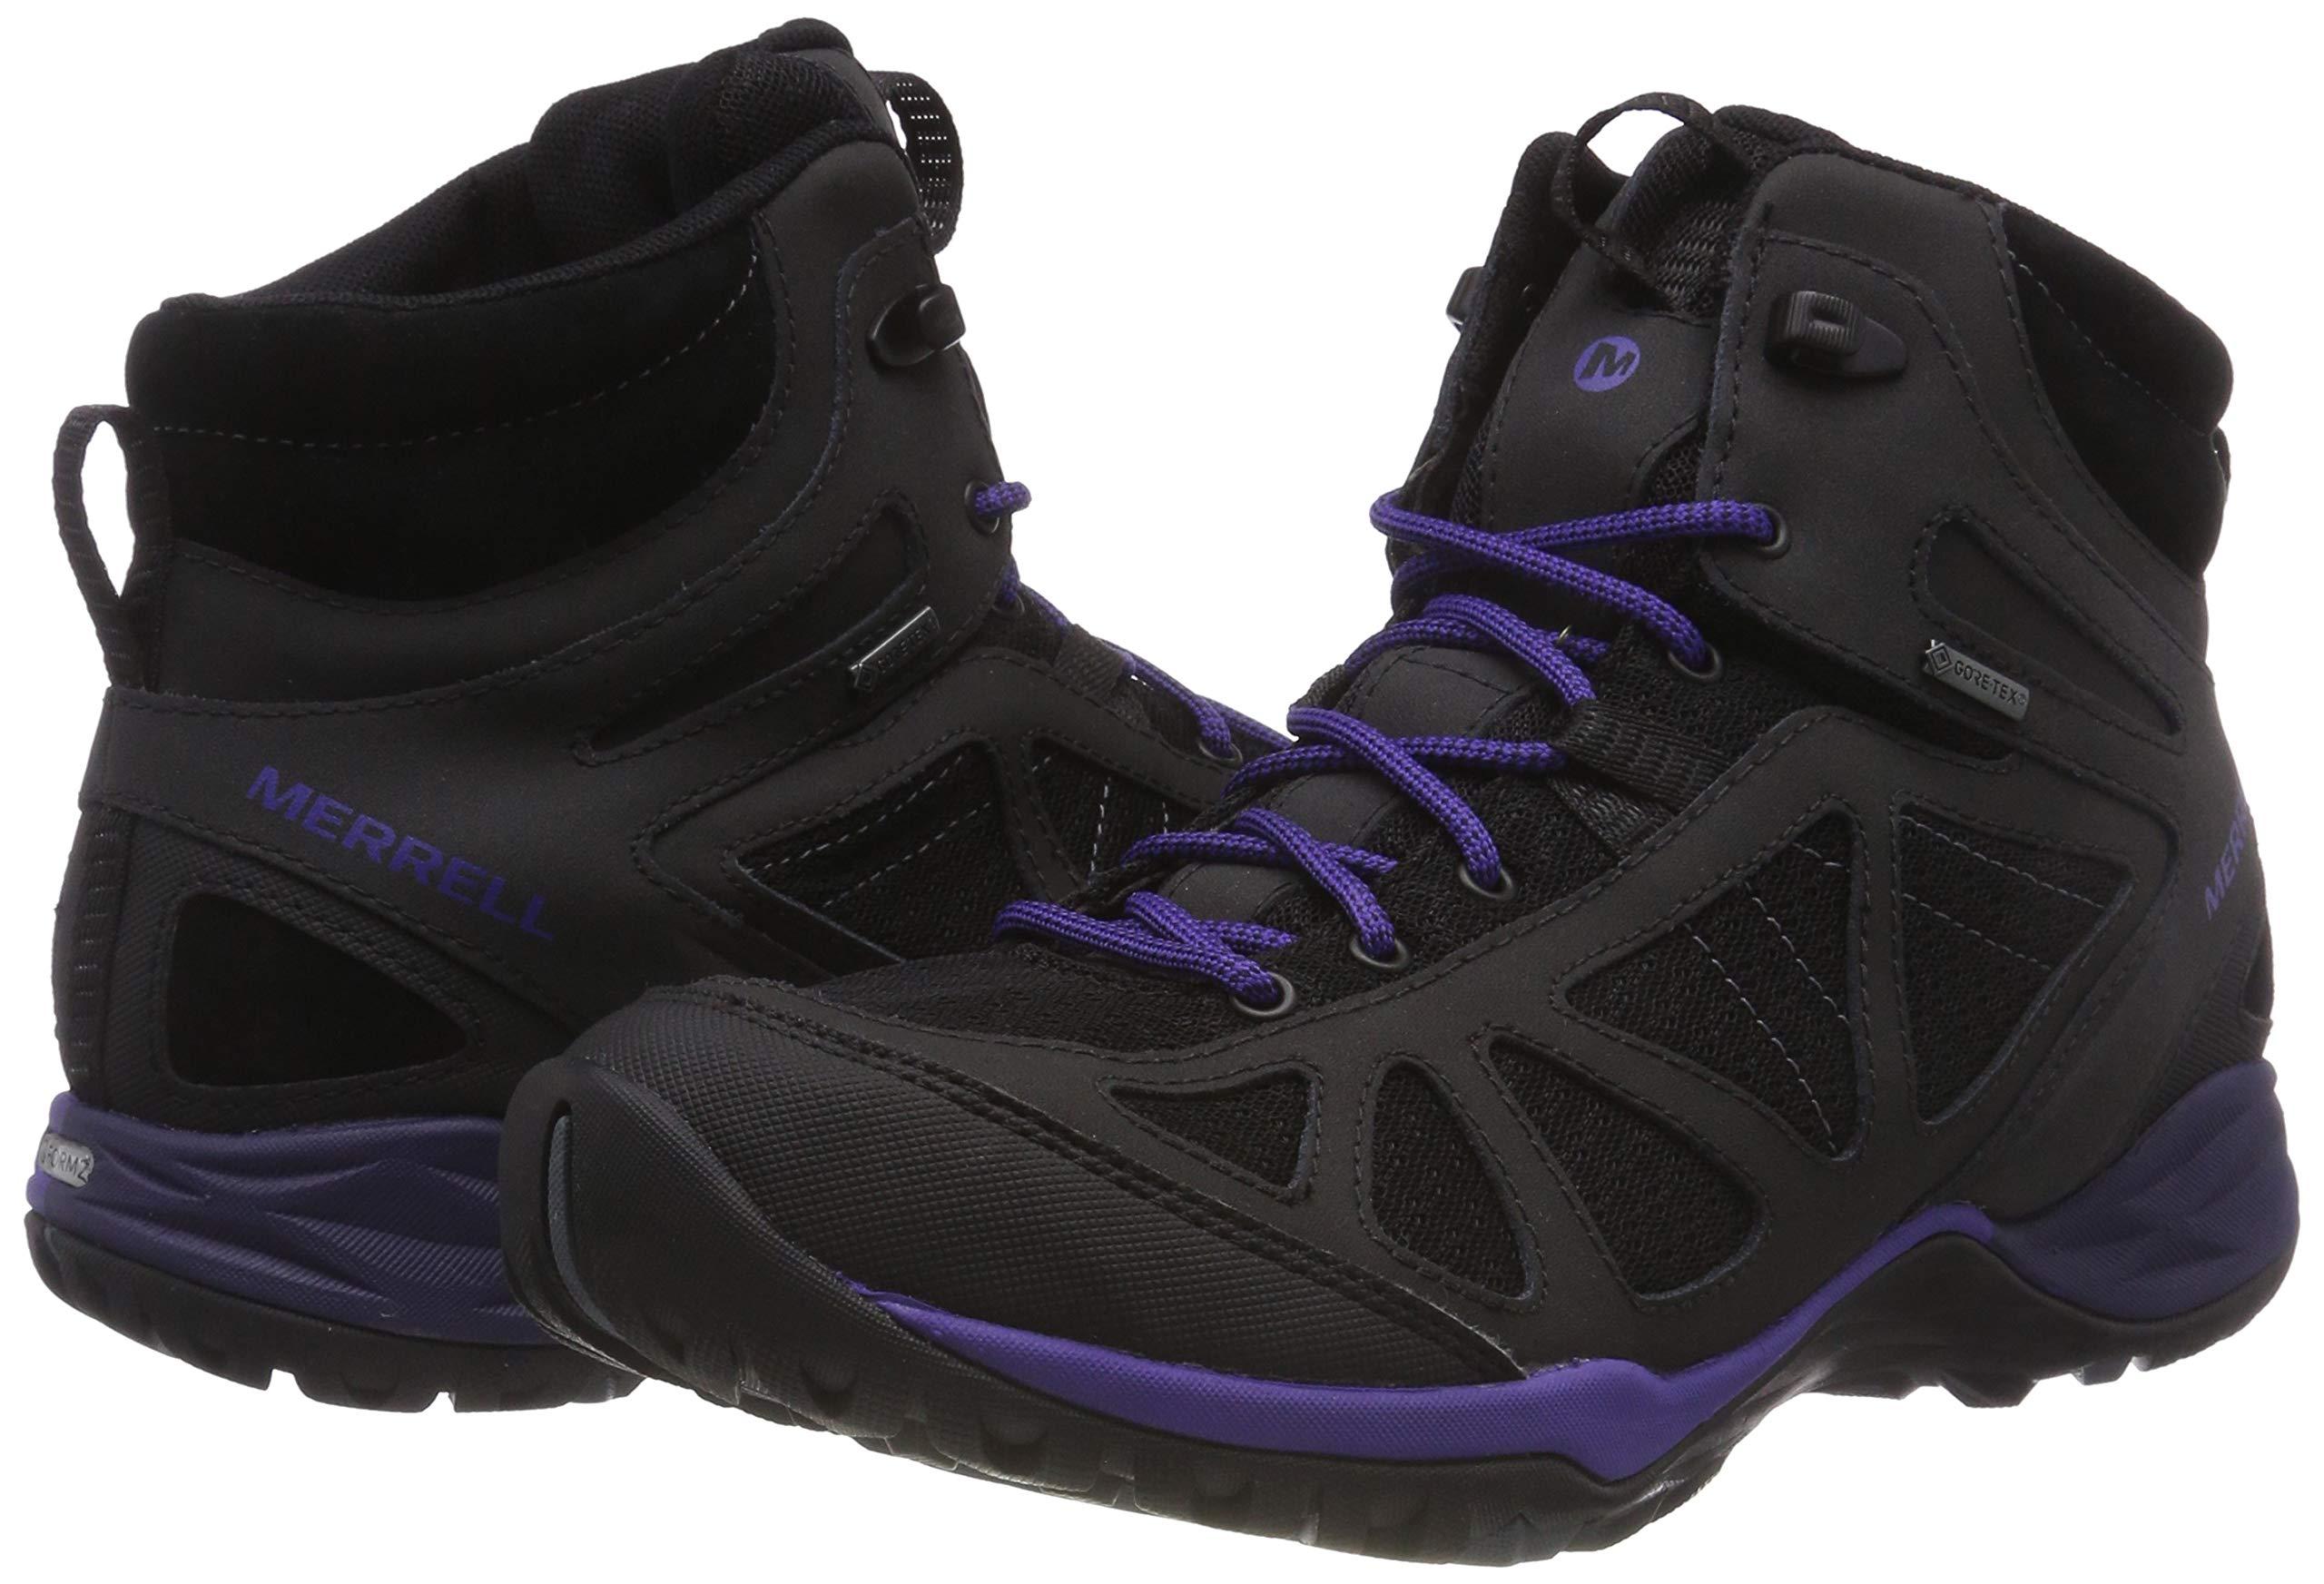 28c30ef8938 Merrell Women's Siren Sport Q2 Mid GTX High Rise Hiking Boots ...